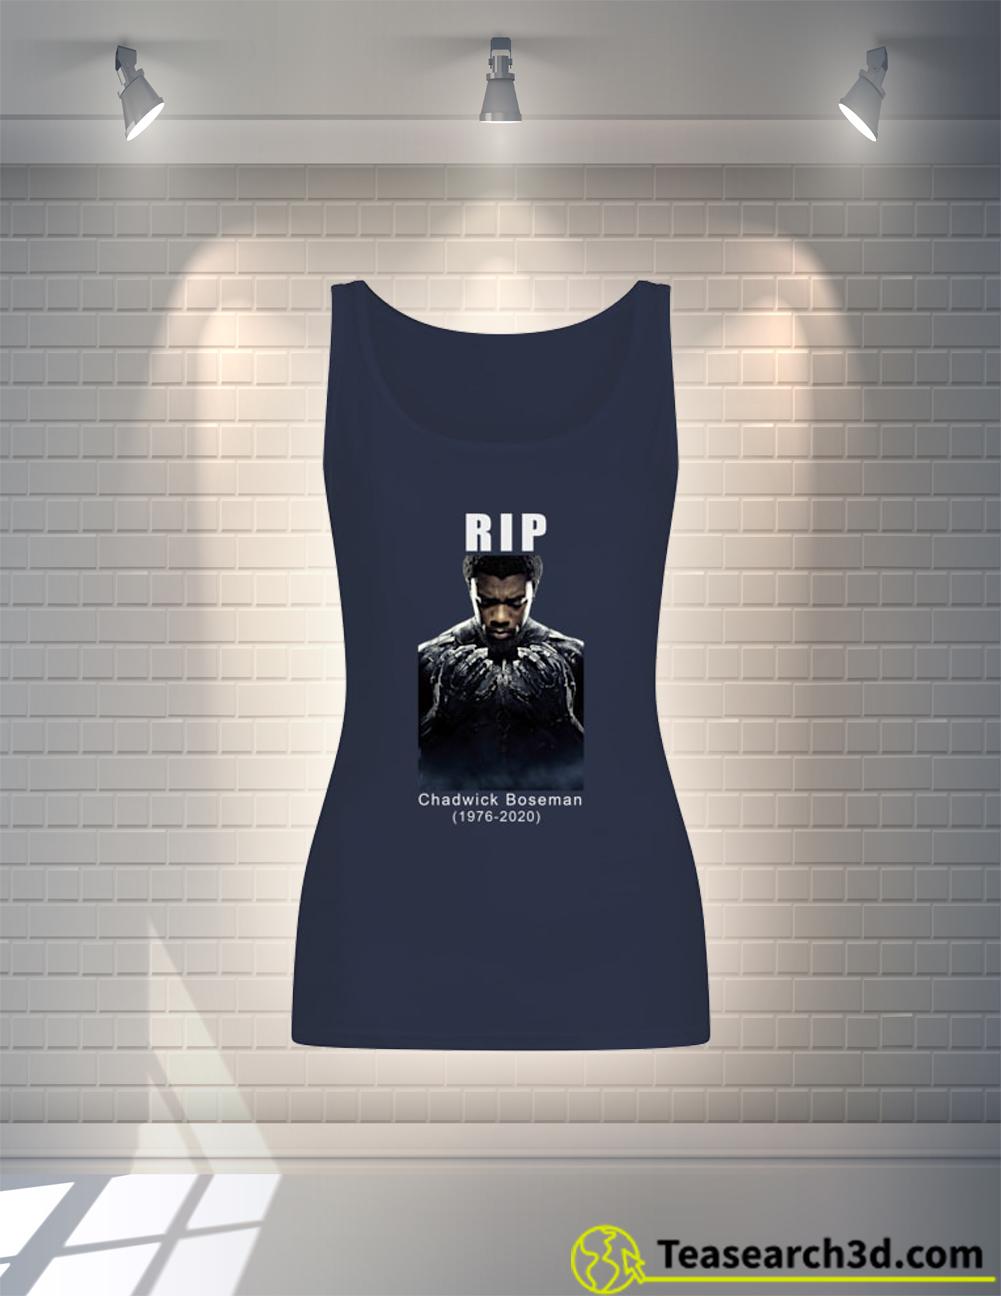 Rip Black Panther tank top